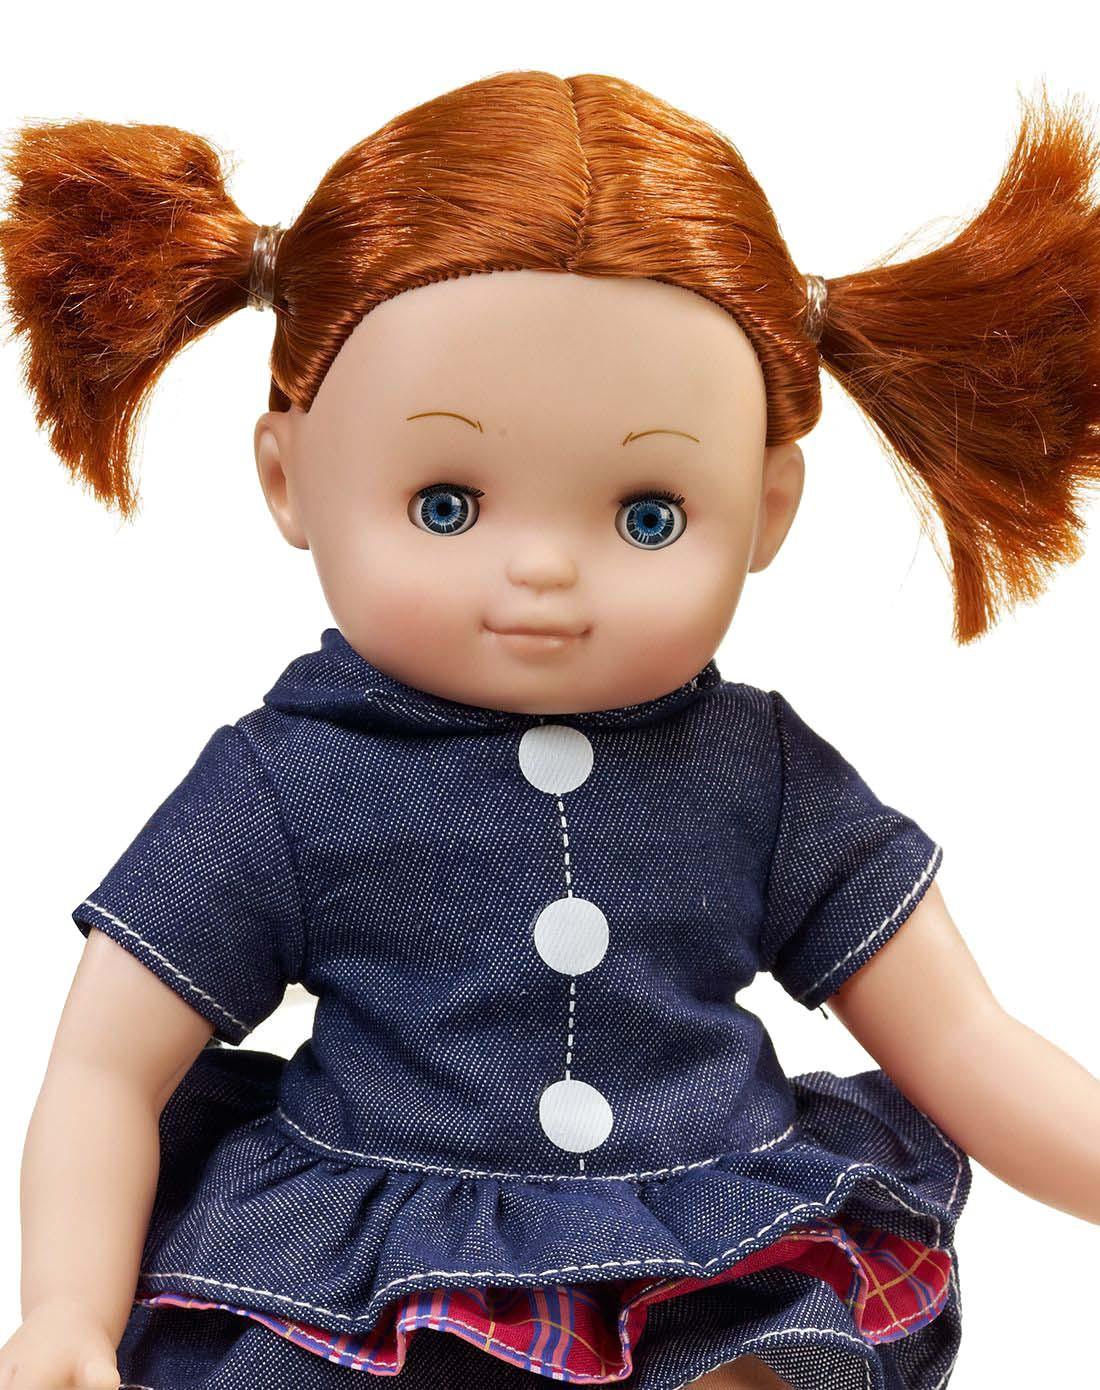 贵阳美林�_两件换装娃娃璐咔宝贝-牛仔款 xy60611-1w